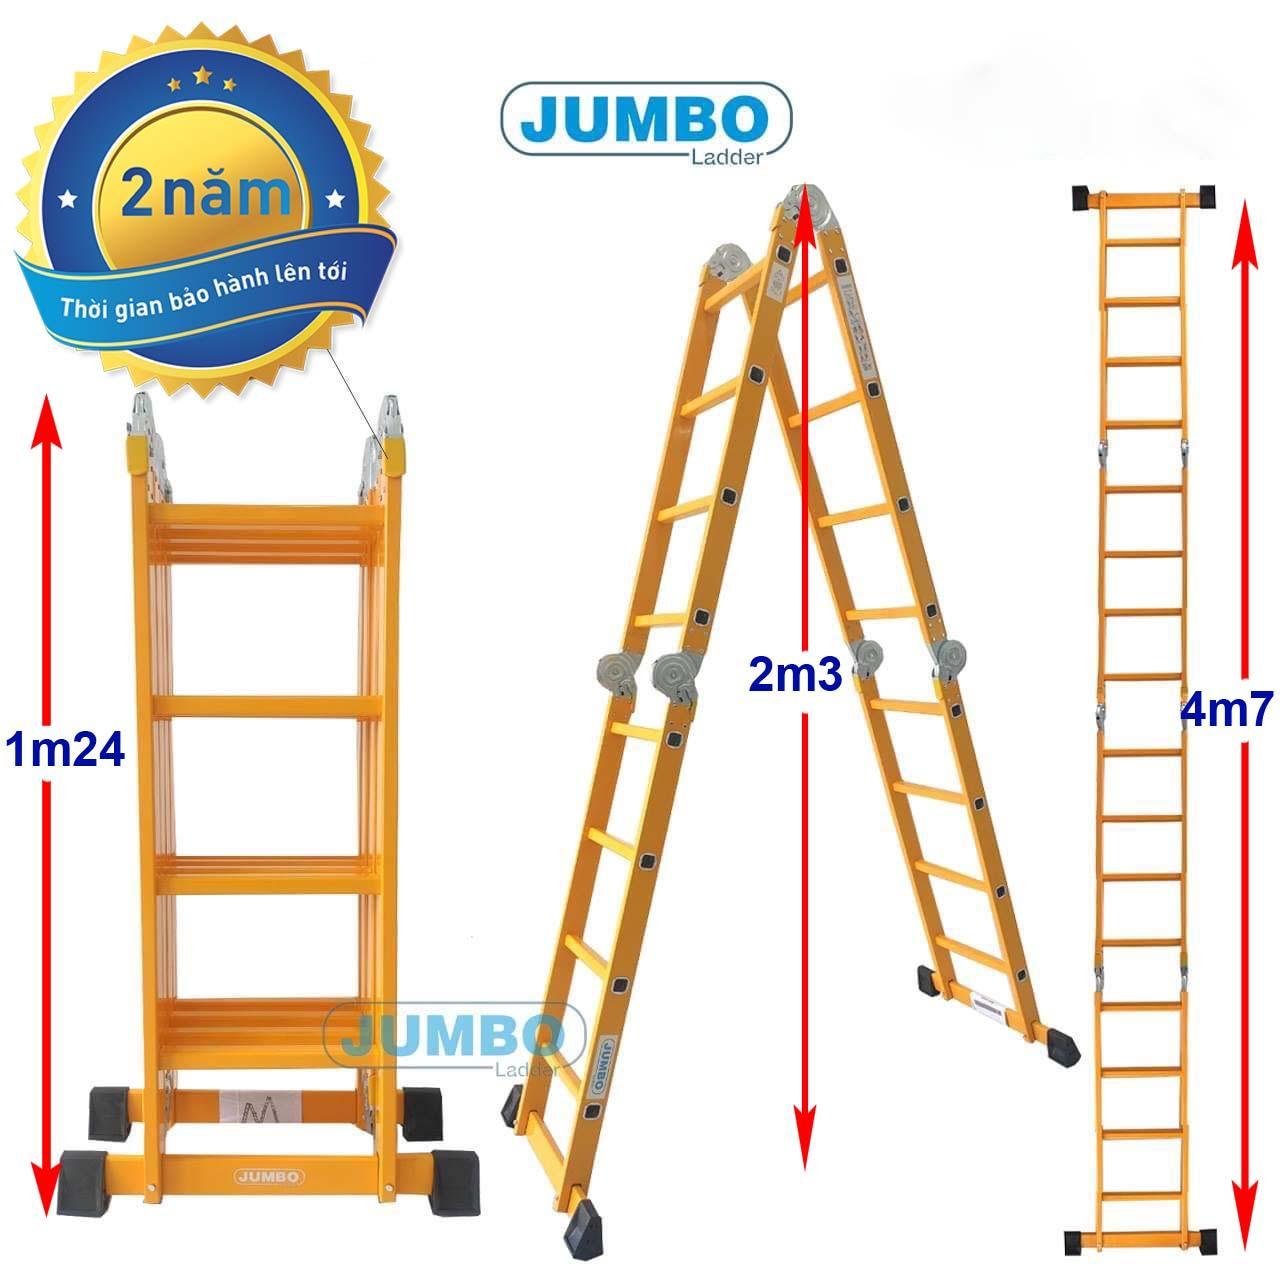 Thang nhôm gấp 4 đoạn 4m7 JUMBO B304